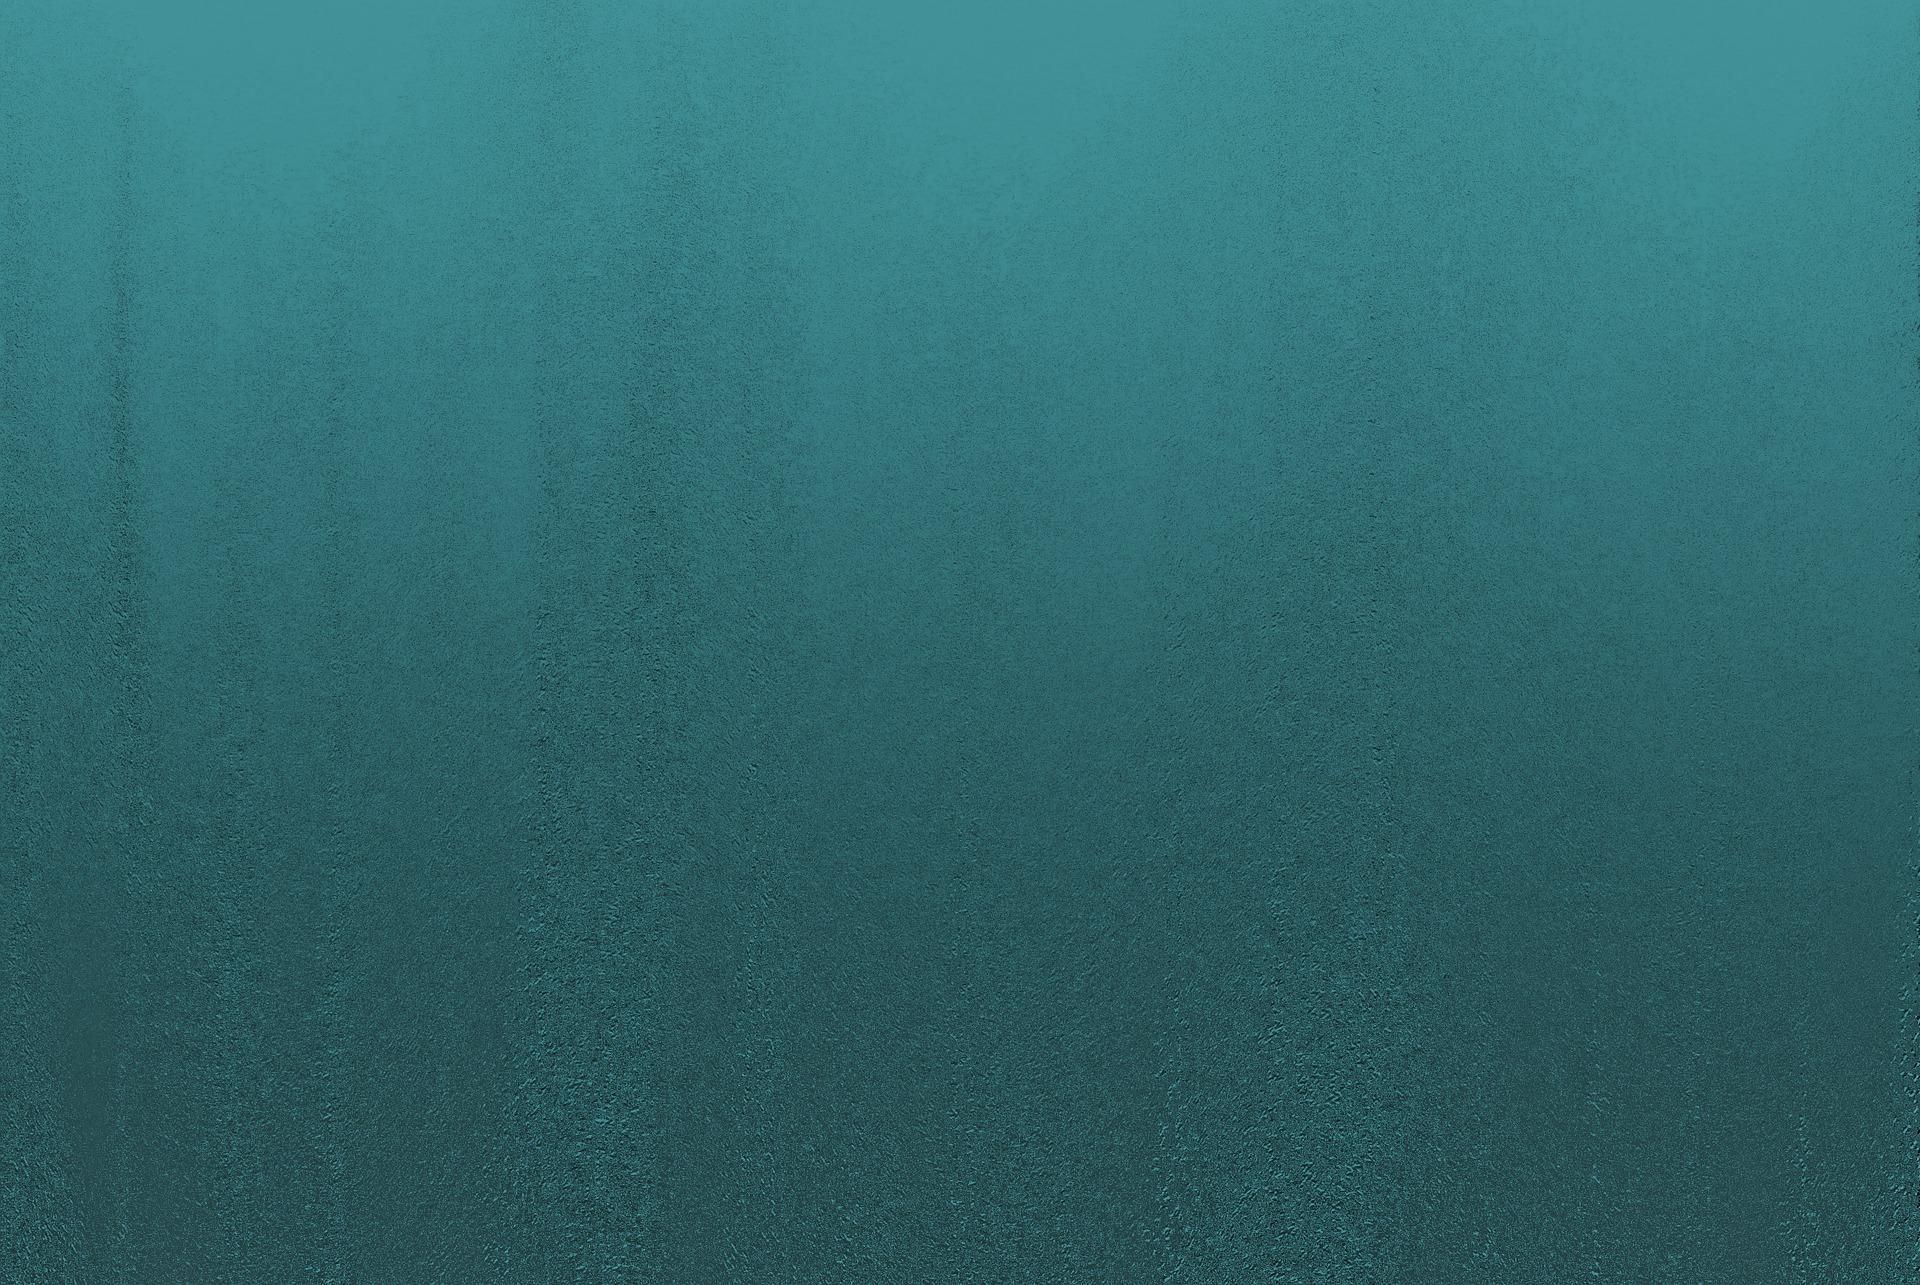 blue-2702904_1920